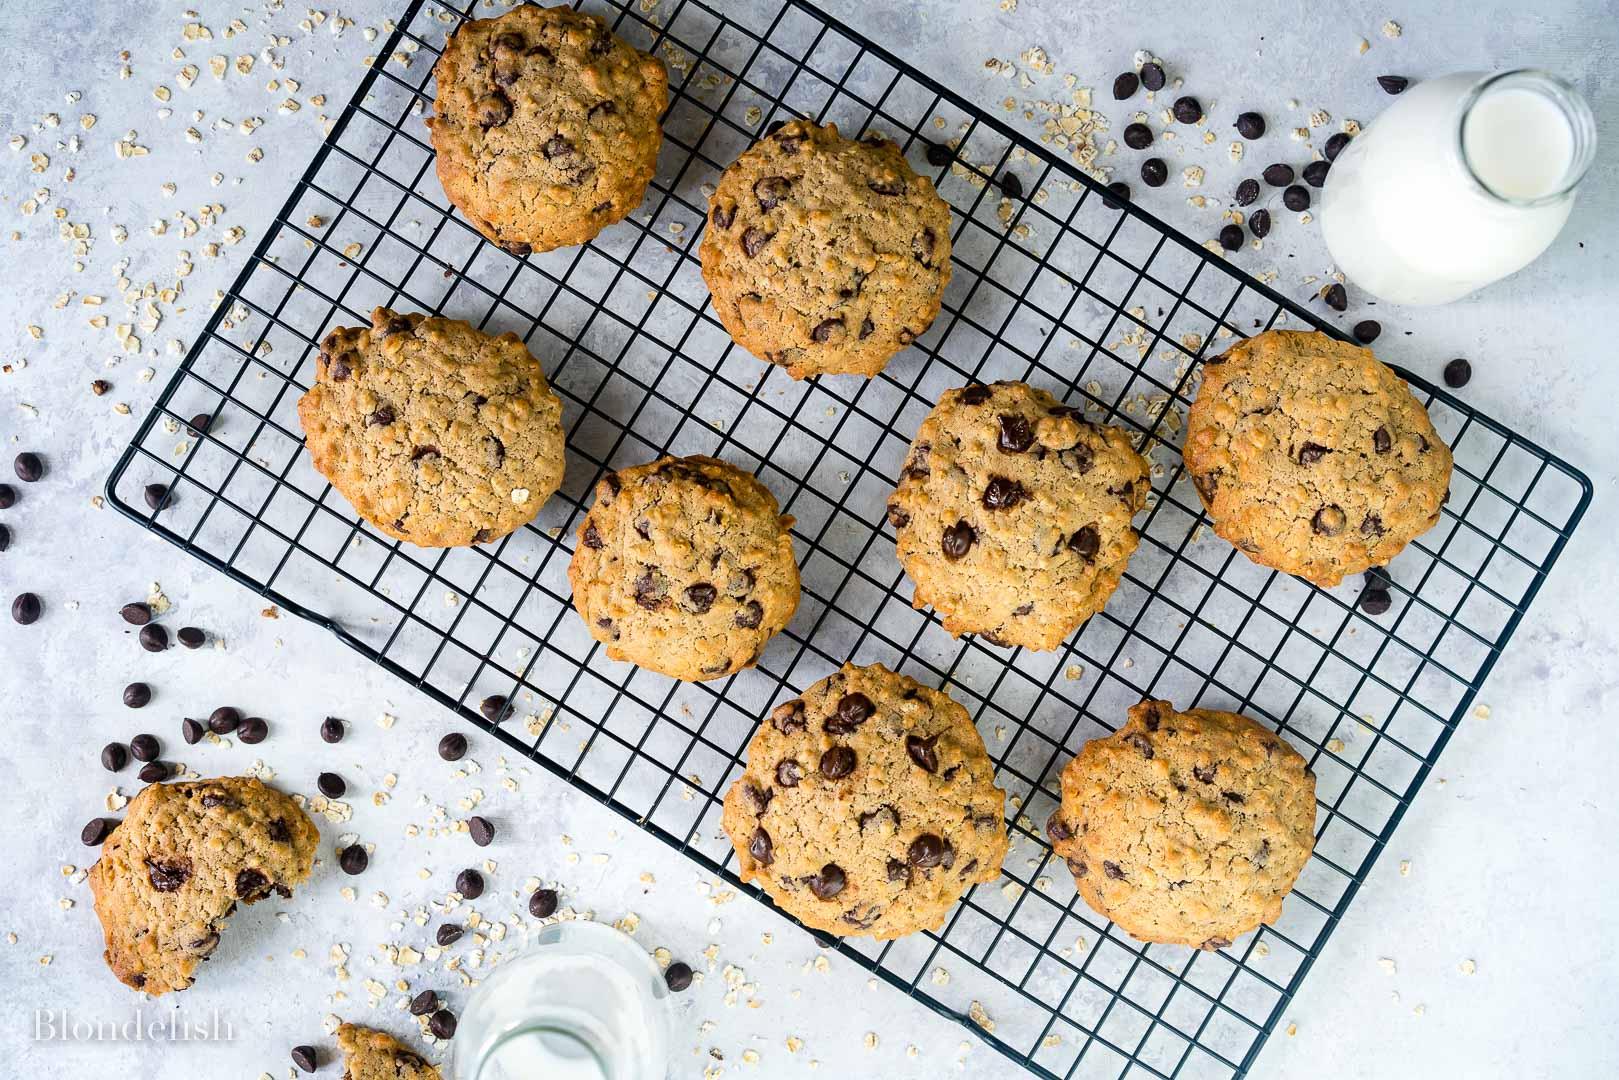 Slăbit rapid: 9 deserturi care nu te îngraşă: Dieta fără pâine și dulciuri: Ce puteți mânca